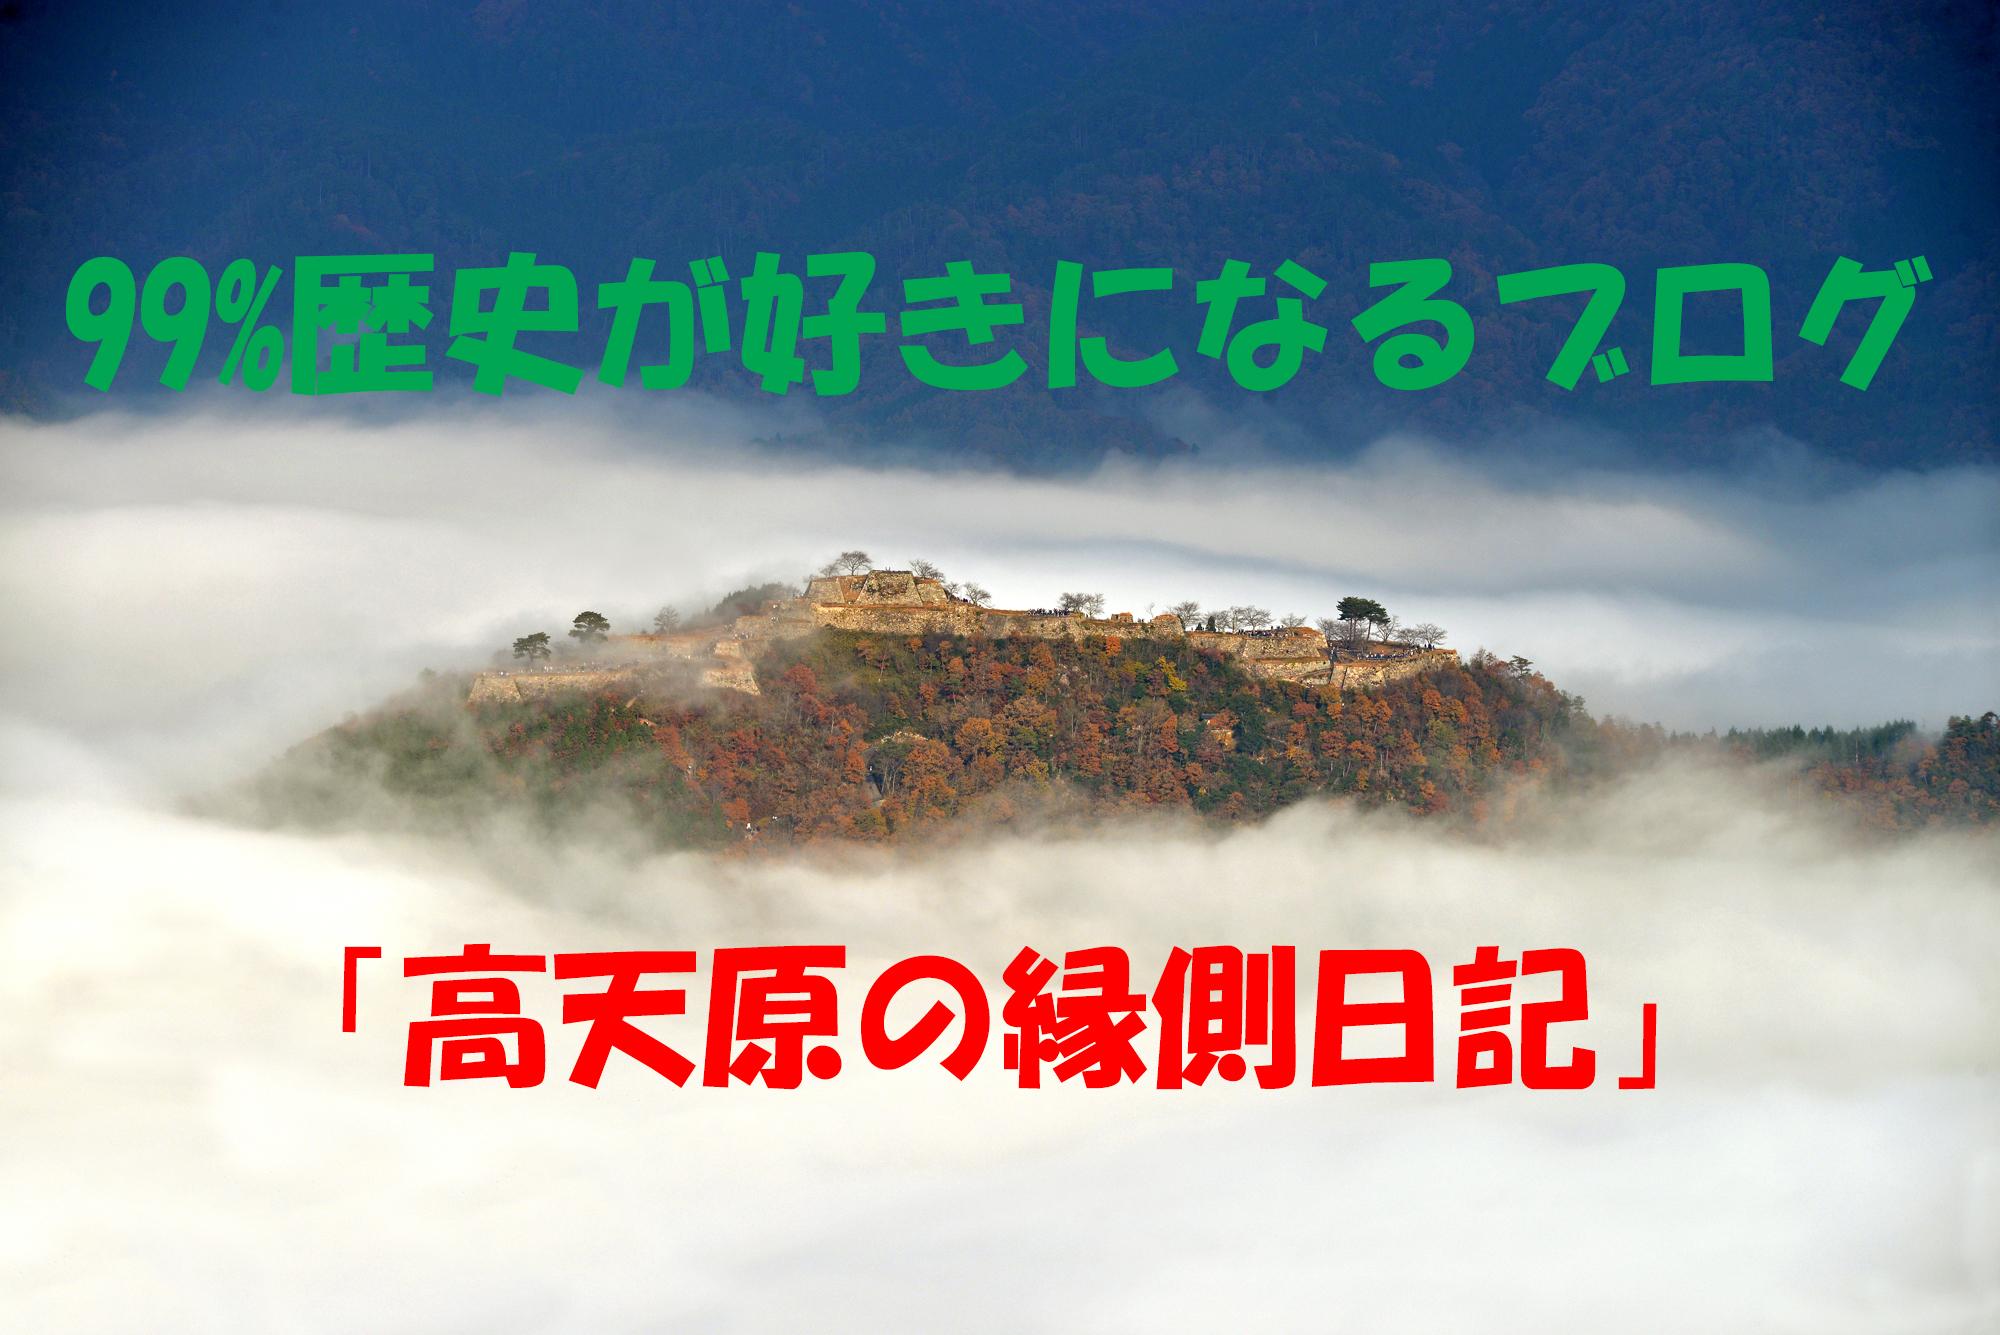 【永久保存版】歴史を120%楽しむための6つのルール①②